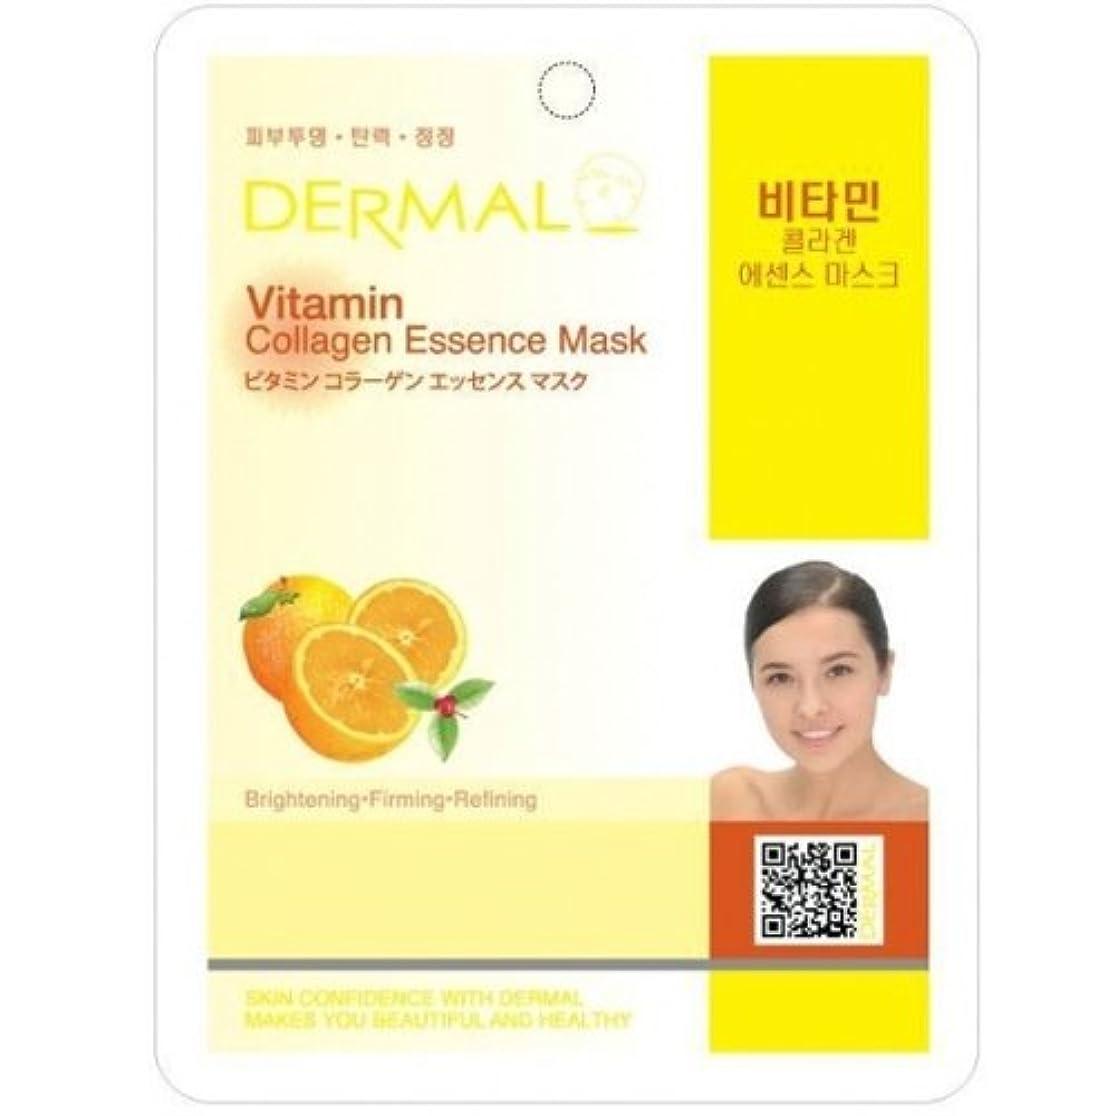 眩惑するおめでとう説明【DERMAL】ダーマル シートマスク ビタミン 10枚セット/保湿/フェイスマスク/フェイスパック/マスクパック/韓国コスメ [メール便]